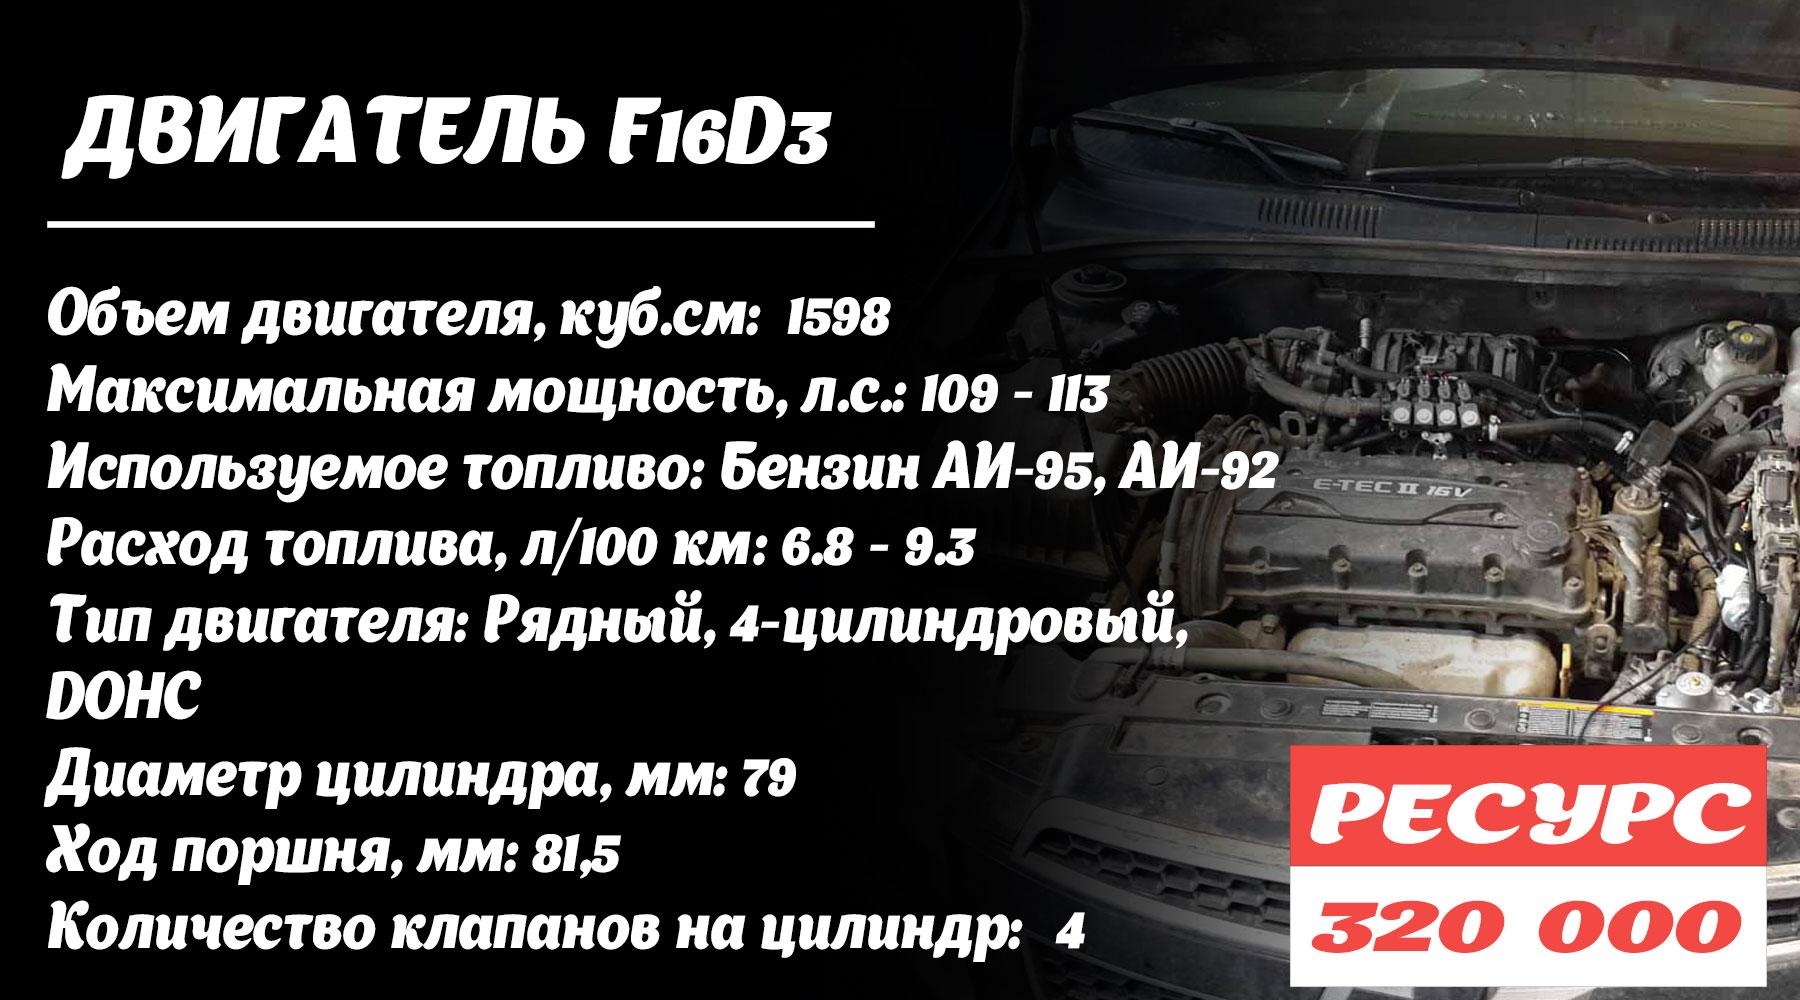 Двигатель F16D3